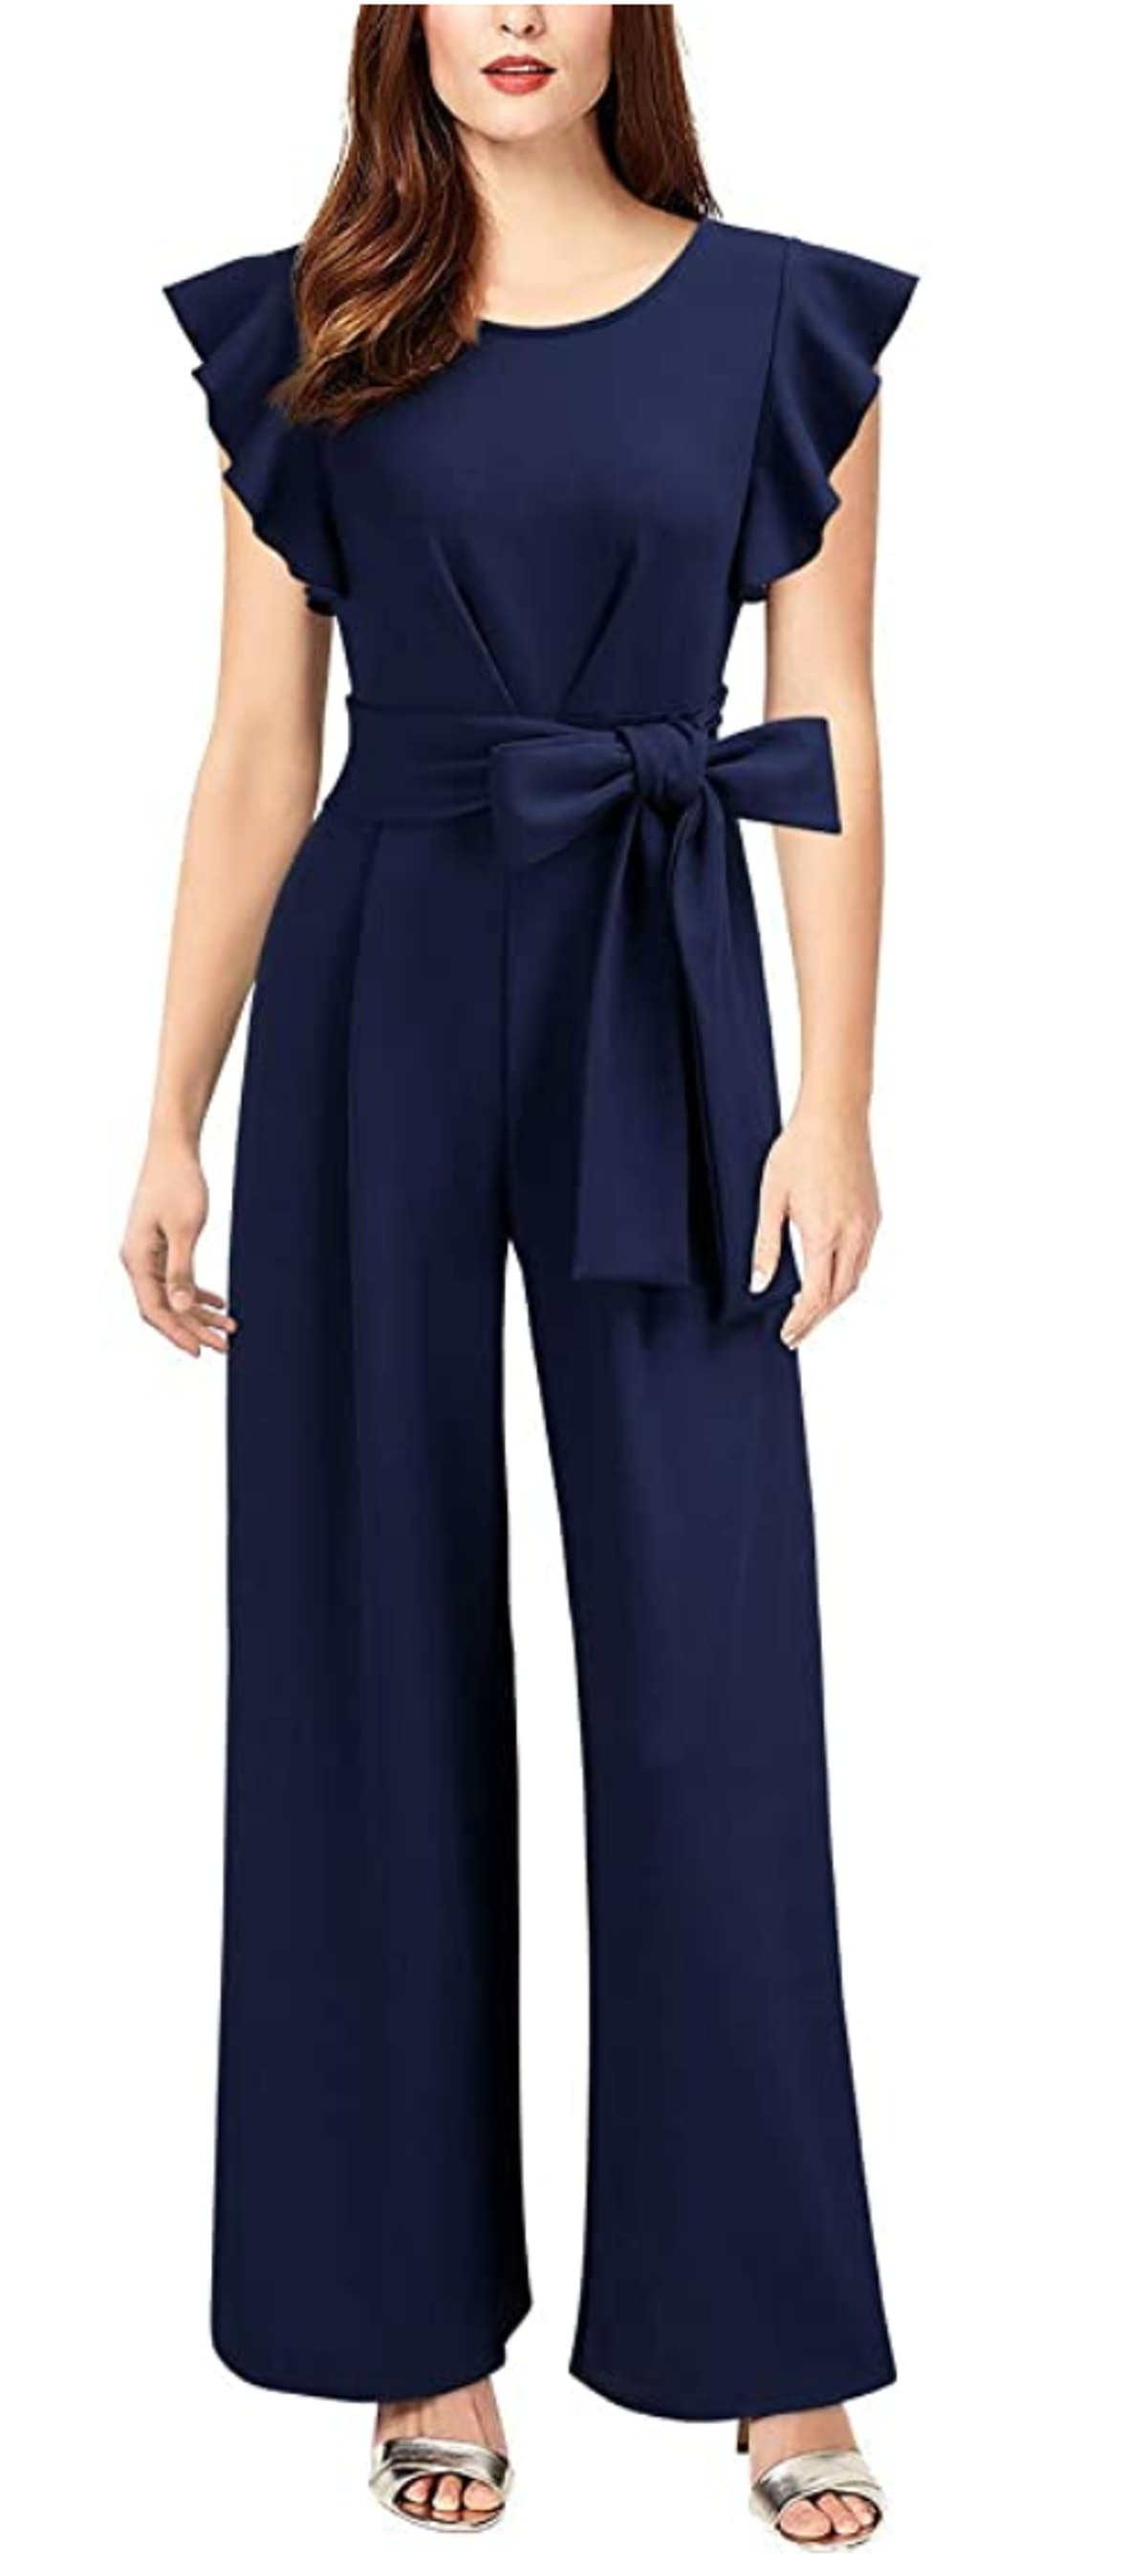 Knitee Navy Blue Vintage Sleeveless Wide Leg Jumpsuit